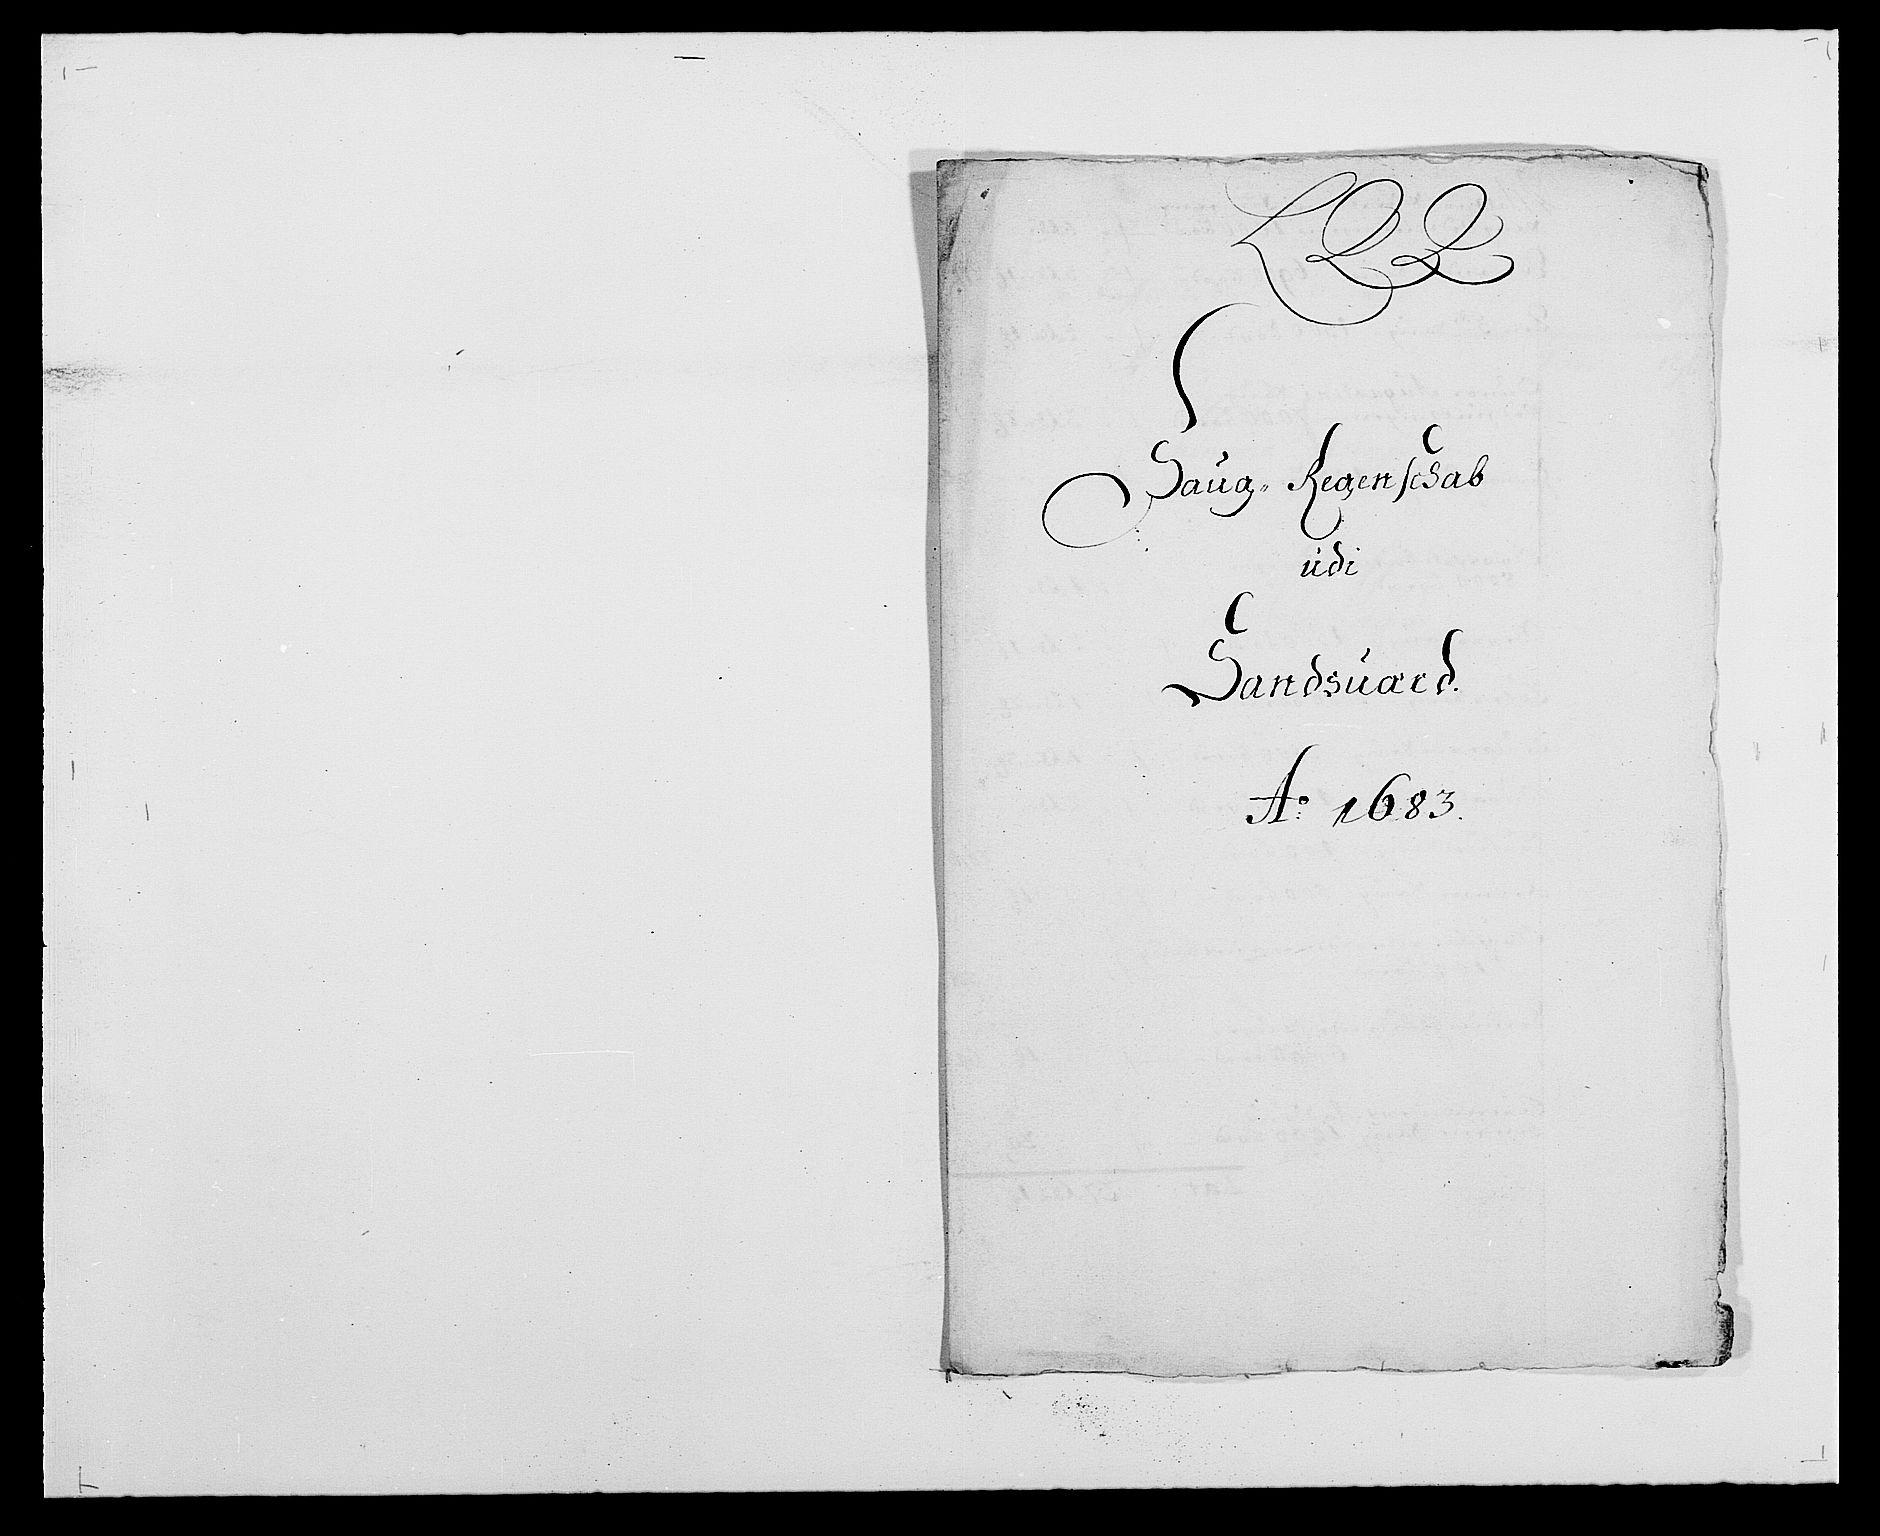 RA, Rentekammeret inntil 1814, Reviderte regnskaper, Fogderegnskap, R24/L1570: Fogderegnskap Numedal og Sandsvær, 1679-1686, s. 347